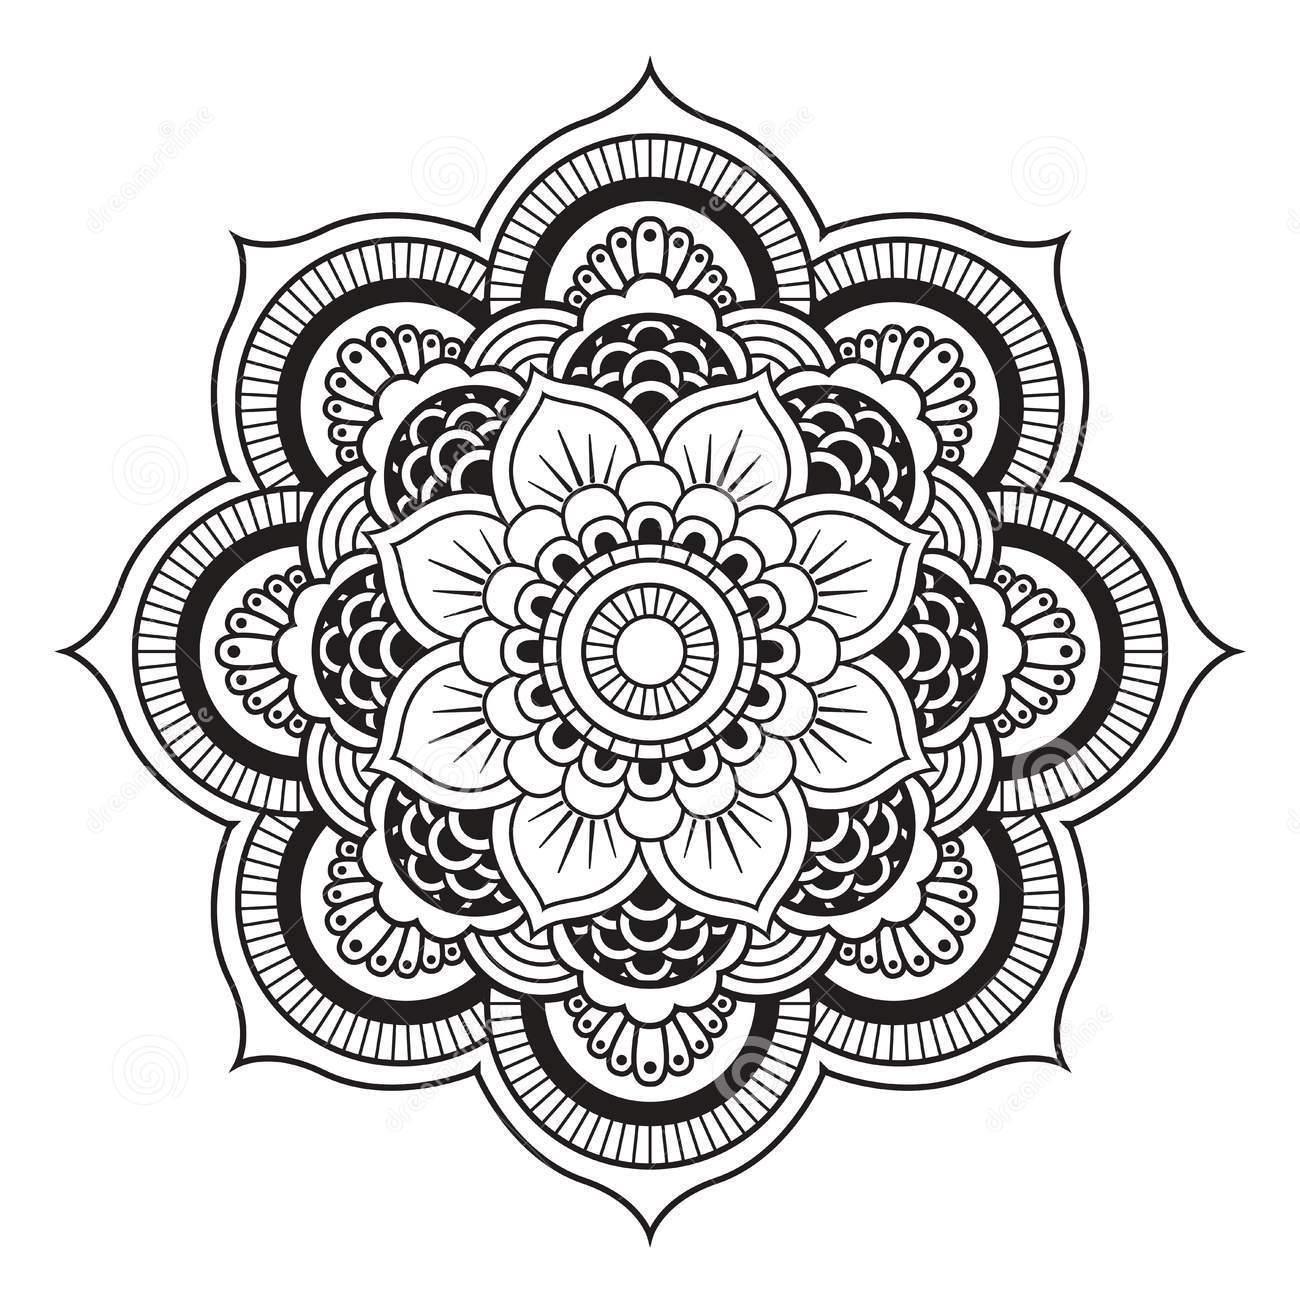 Tattoos Ideias Para Amantes Da Arte Da Tatuagem Significado Da